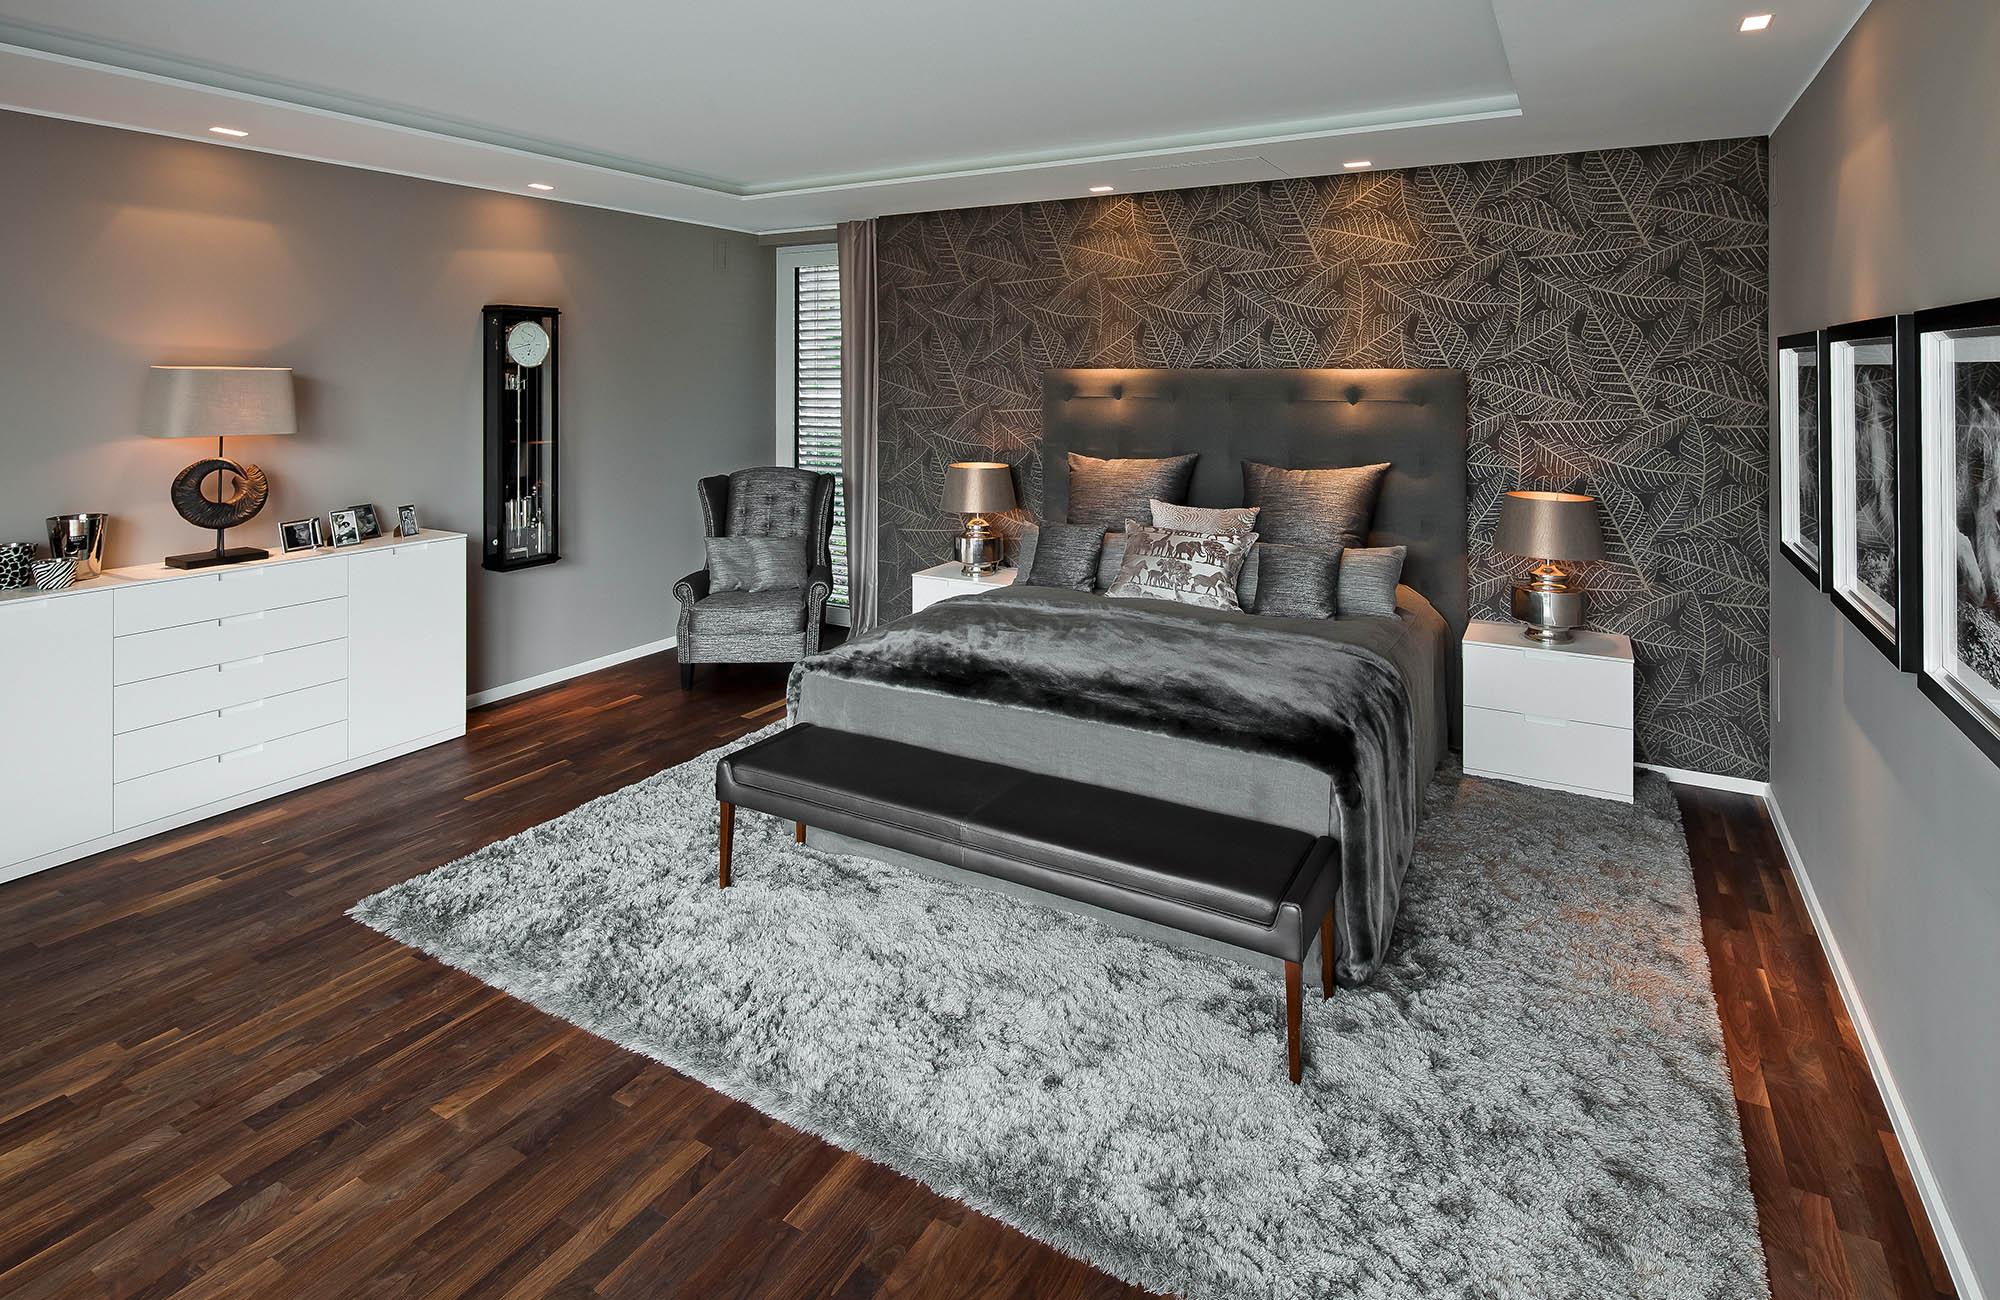 anbau f r schlafbereich ankleide und bad raumfabrik. Black Bedroom Furniture Sets. Home Design Ideas